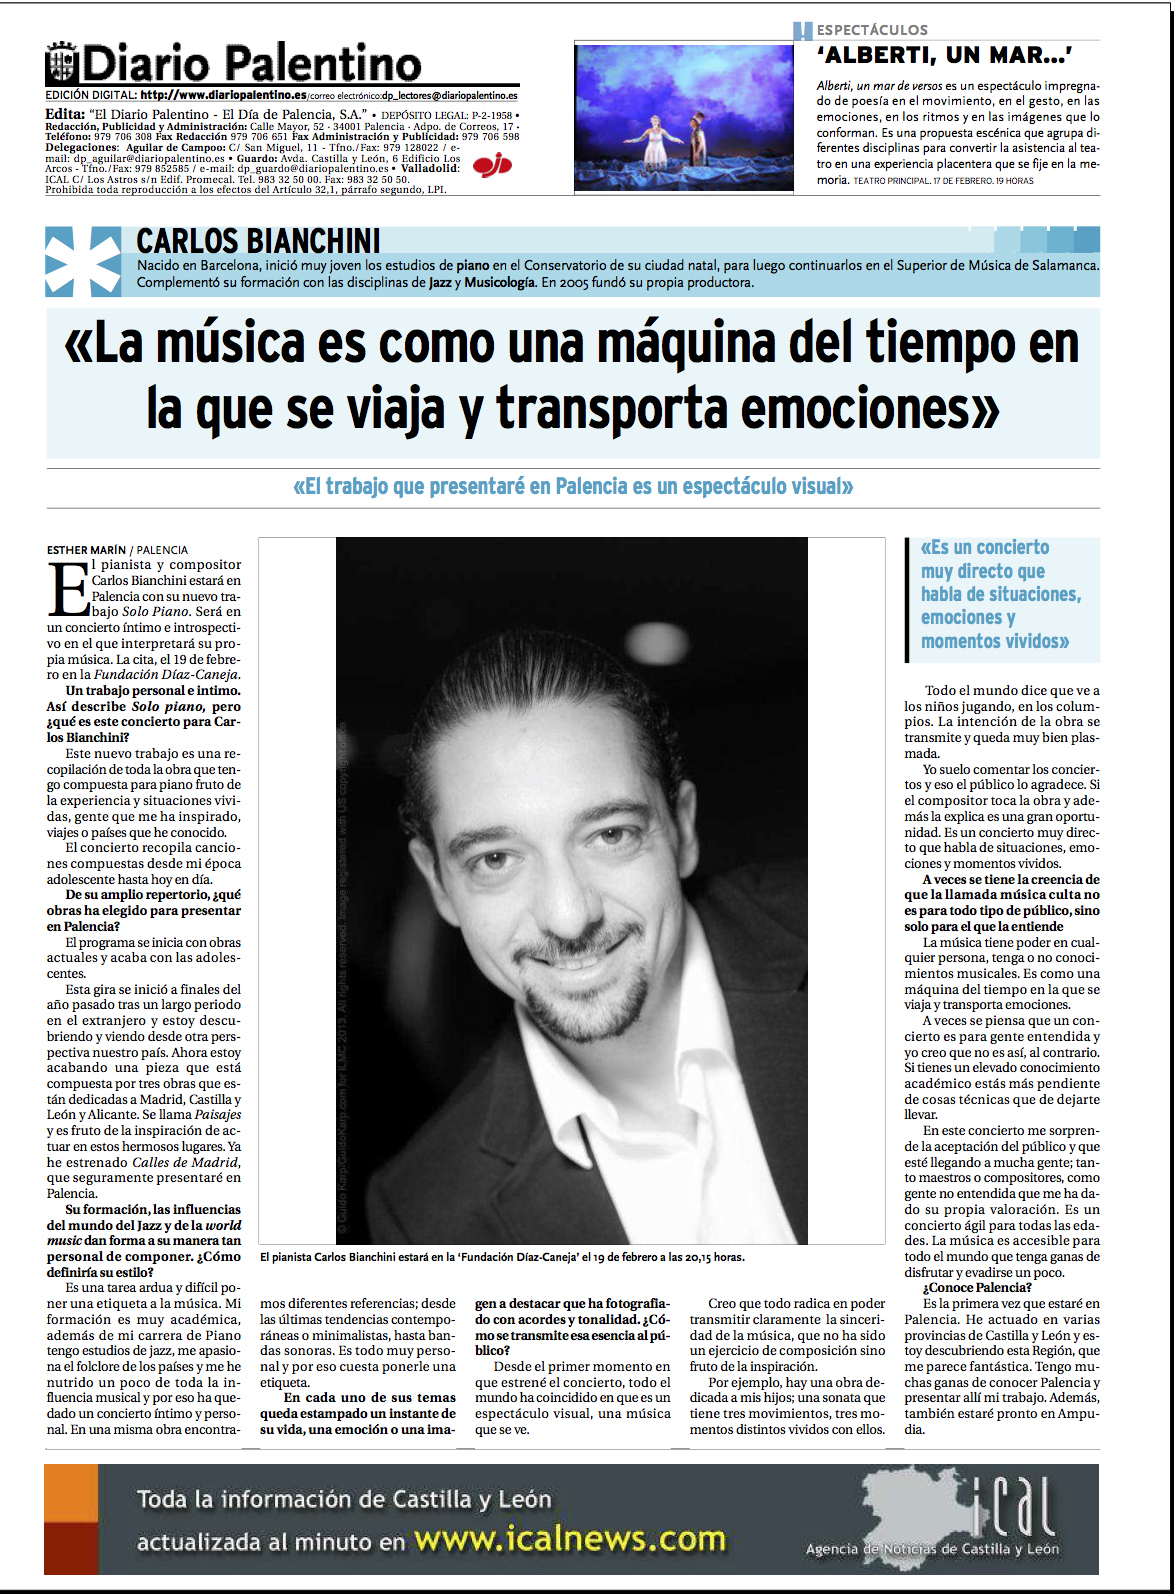 SoloPiano_DiarioPalentino.jpg